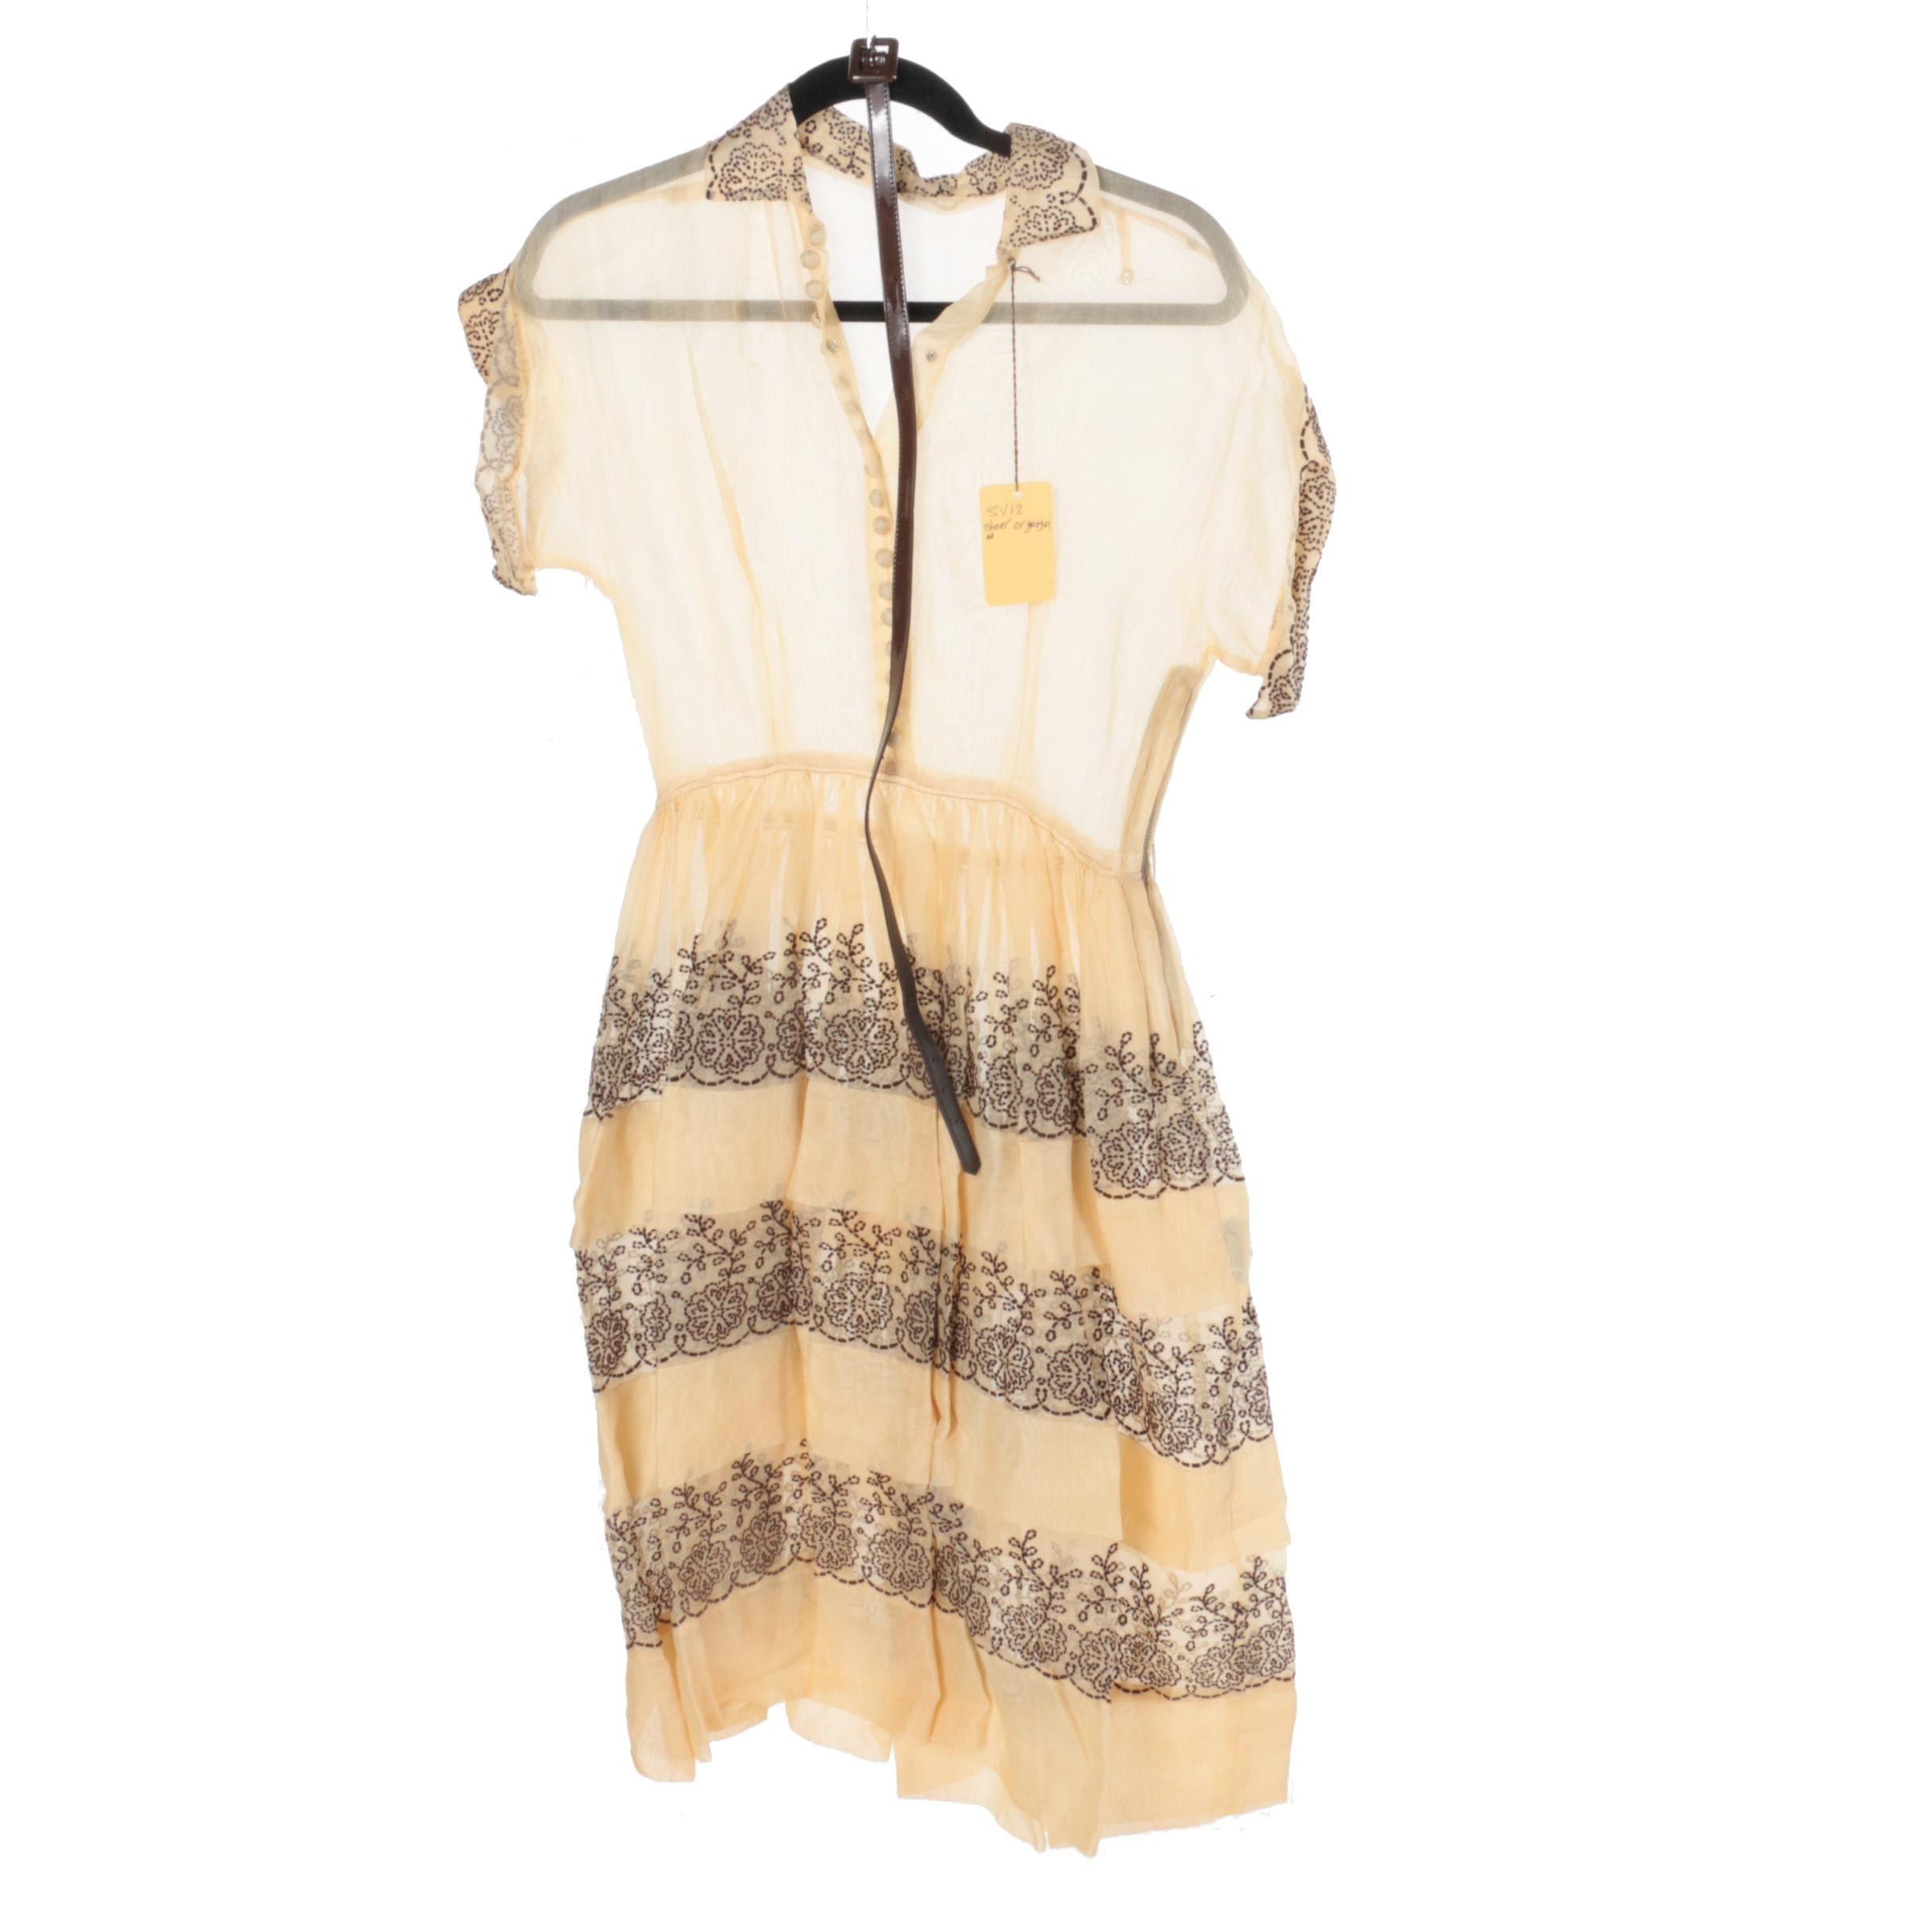 Circa 1950s Embroidered Shirtwaist Dress